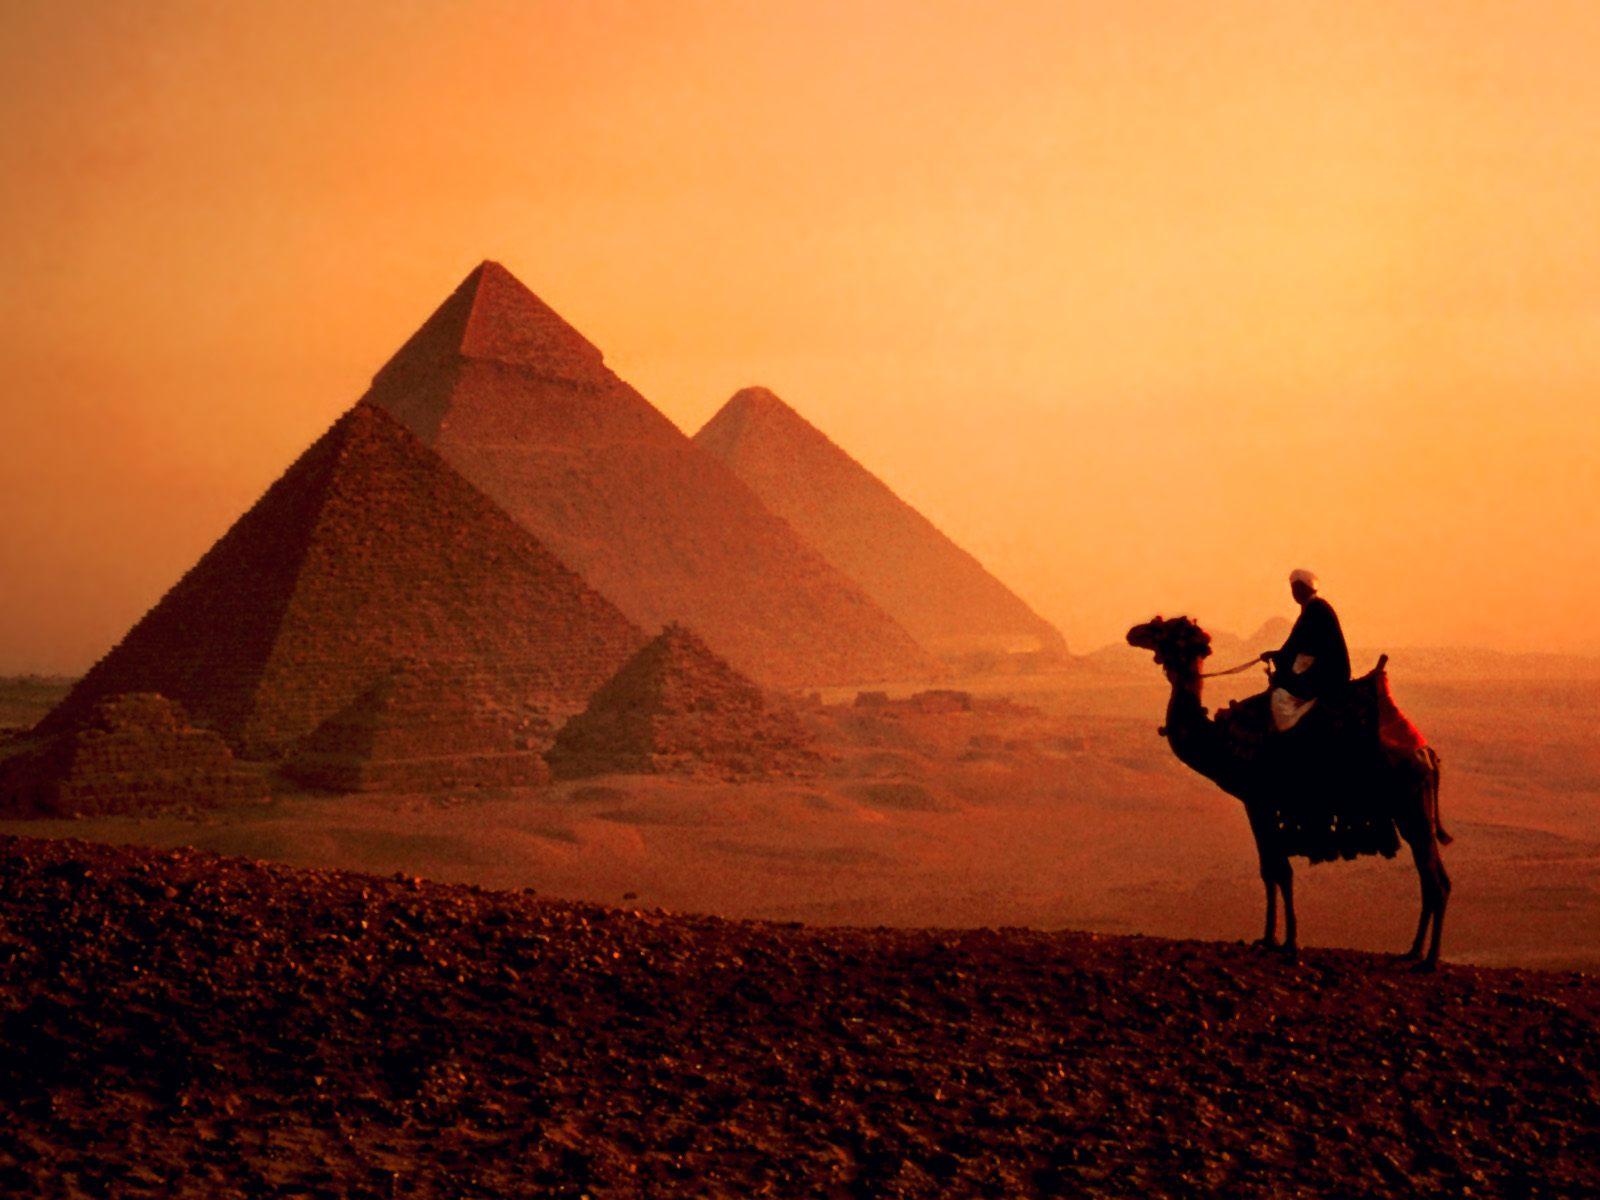 http://1.bp.blogspot.com/-GUGRhV2M7cY/TntrQ4t_AsI/AAAAAAAAP14/opfDJdGC2M4/s1600/Egyptian-Evening.jpg